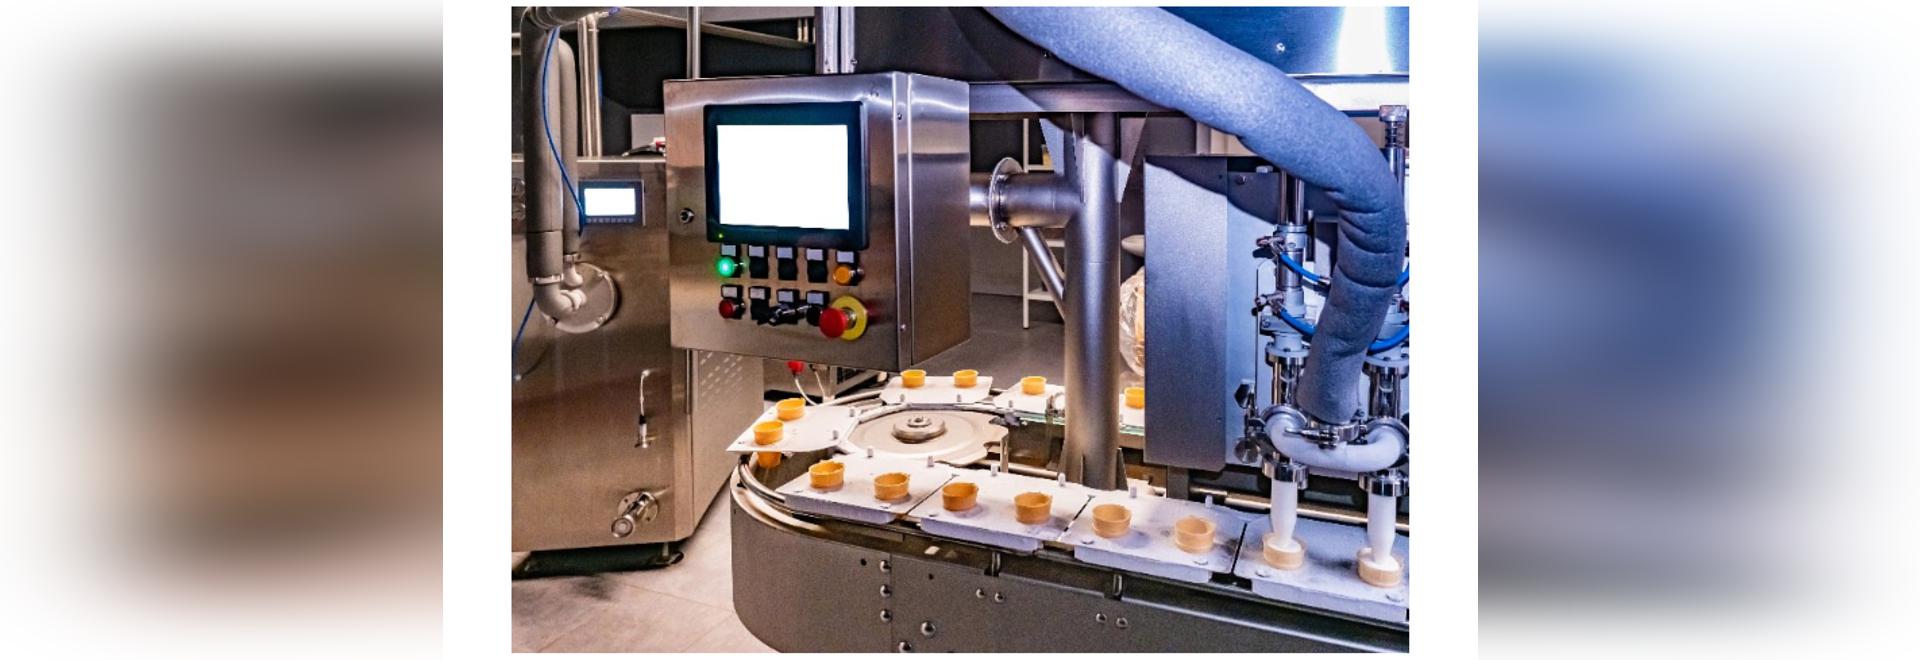 Beneficios de la tecnología de visión artificial para fabricantes de alimentos